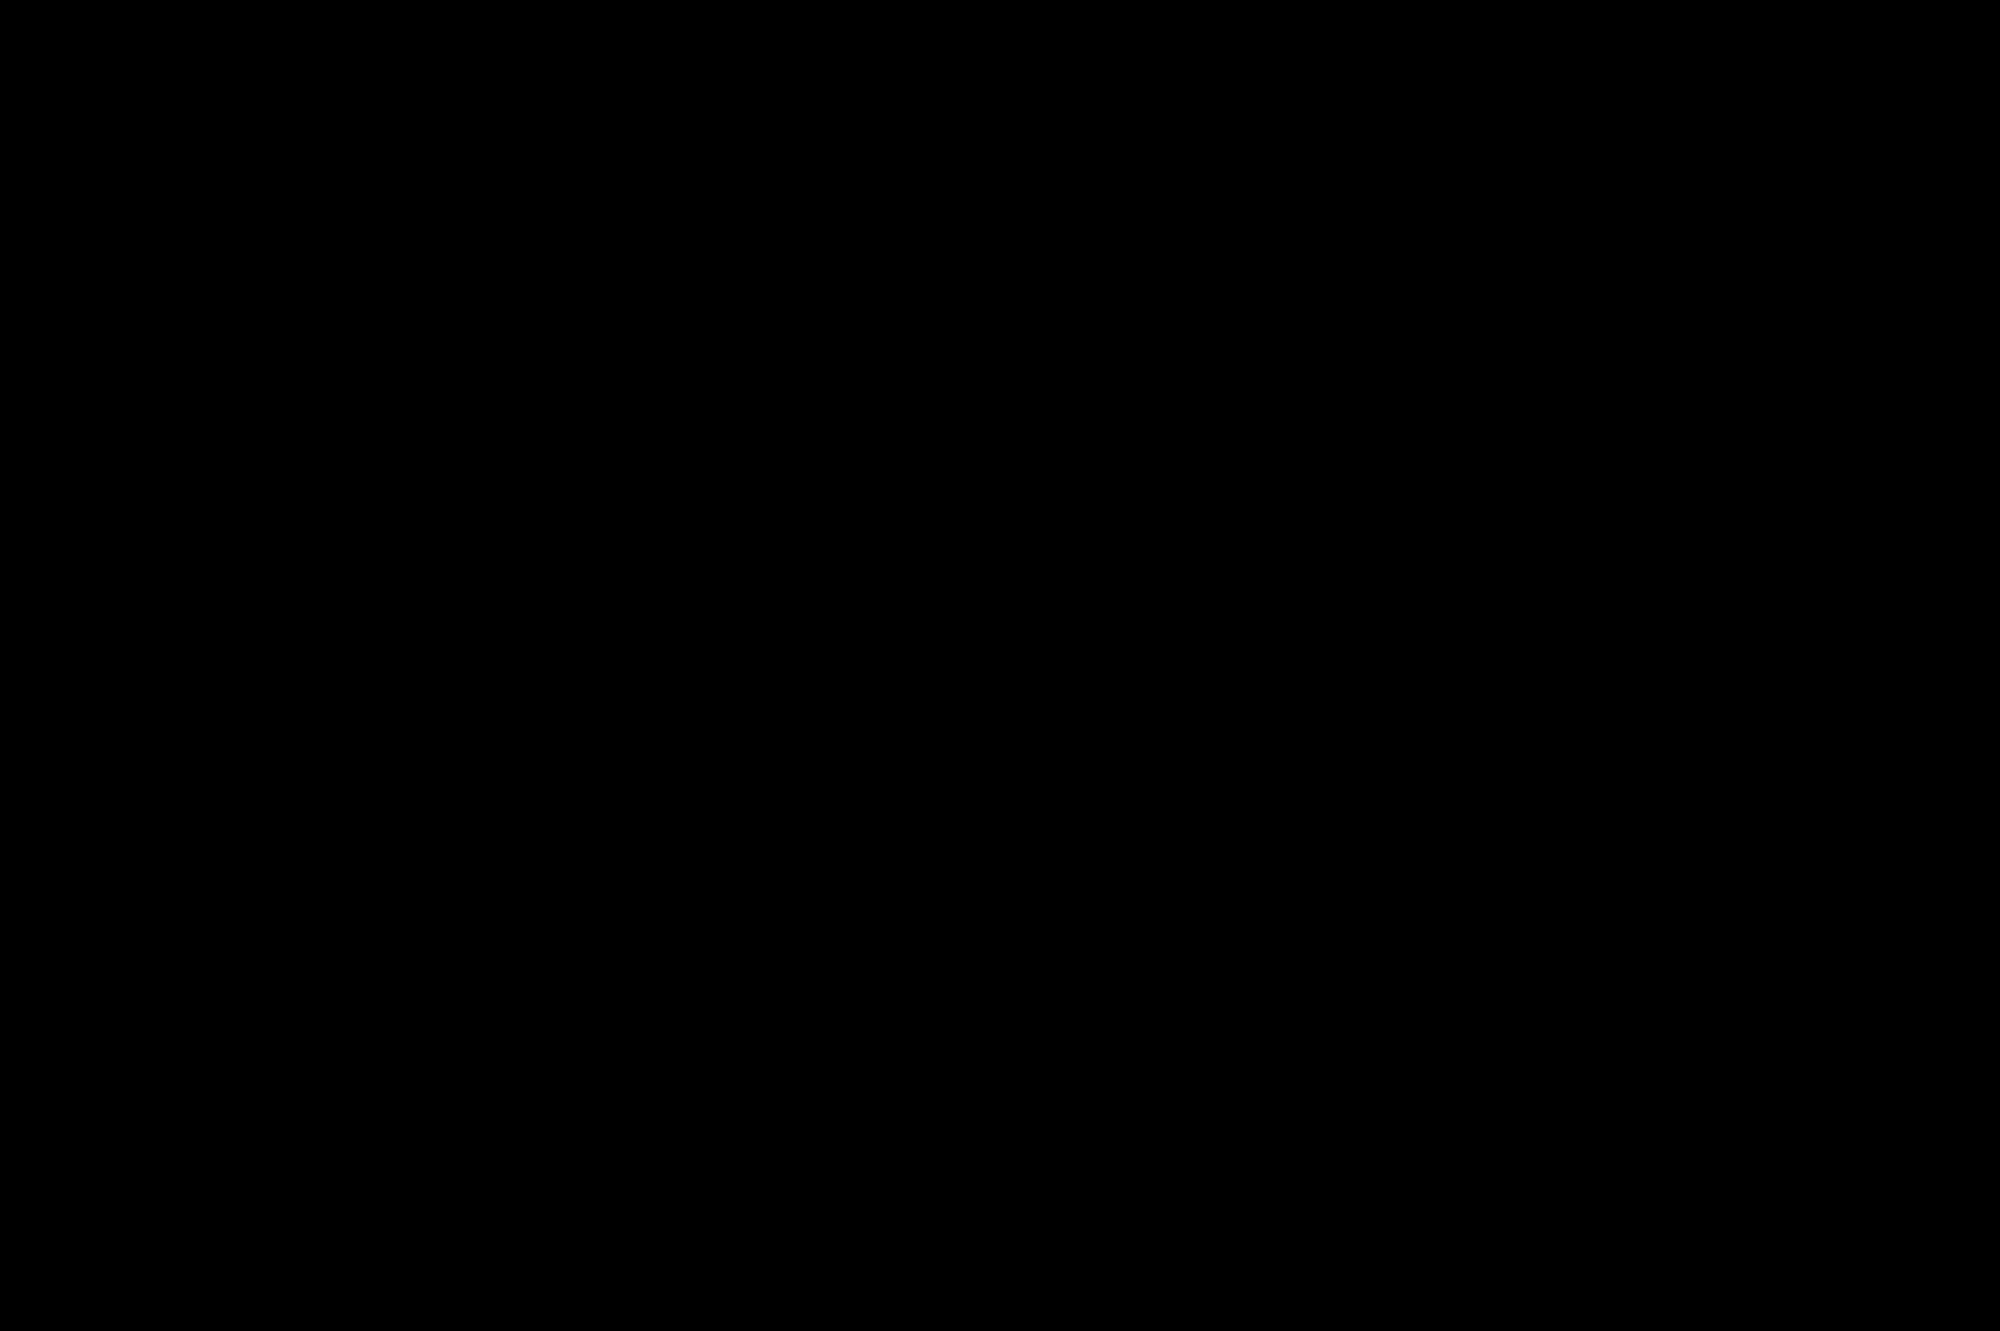 Adidas logo bianco png 1 » PNG Image